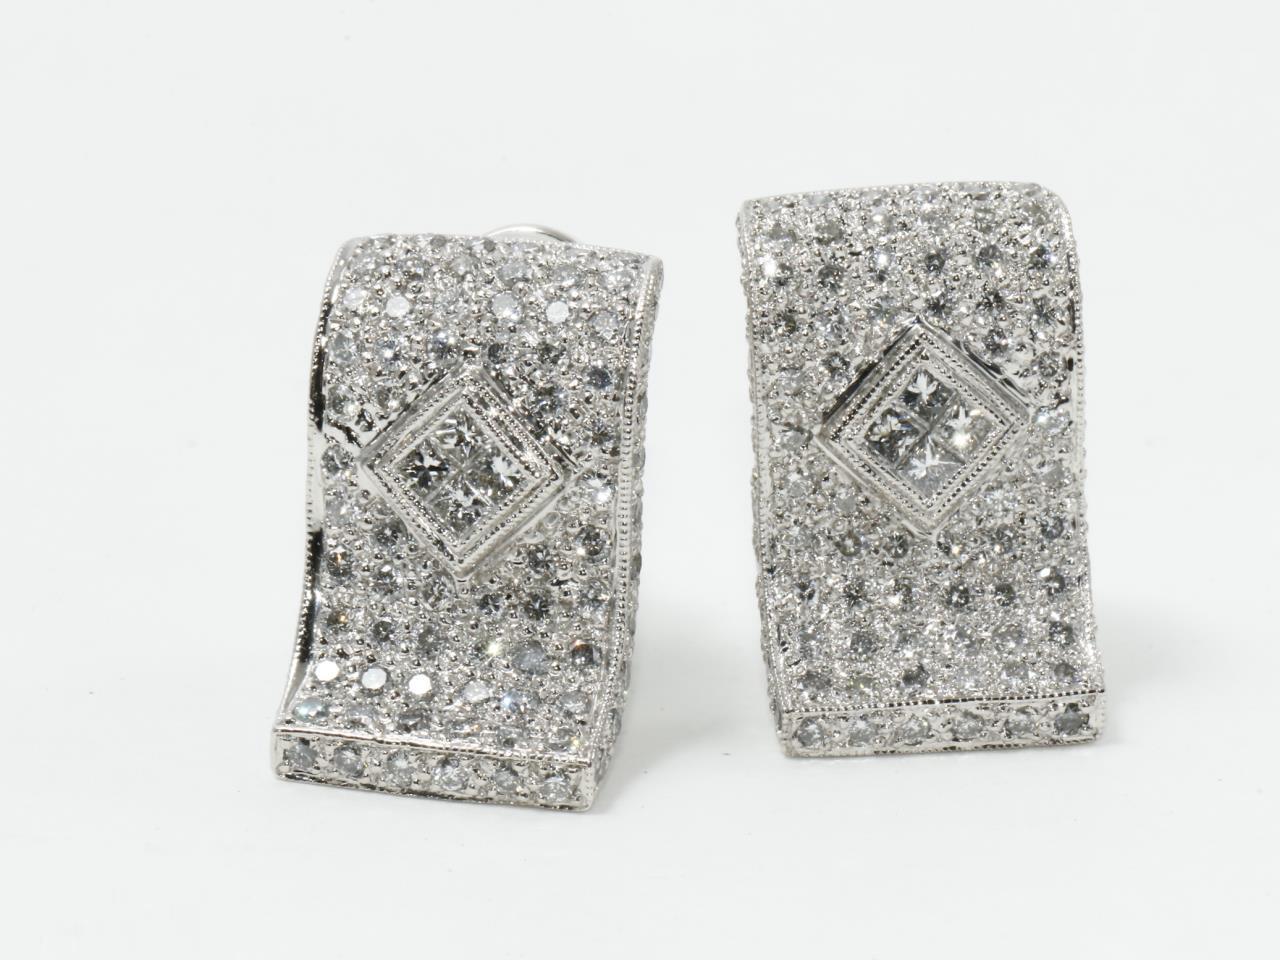 ダイヤモンド買取 ピアス